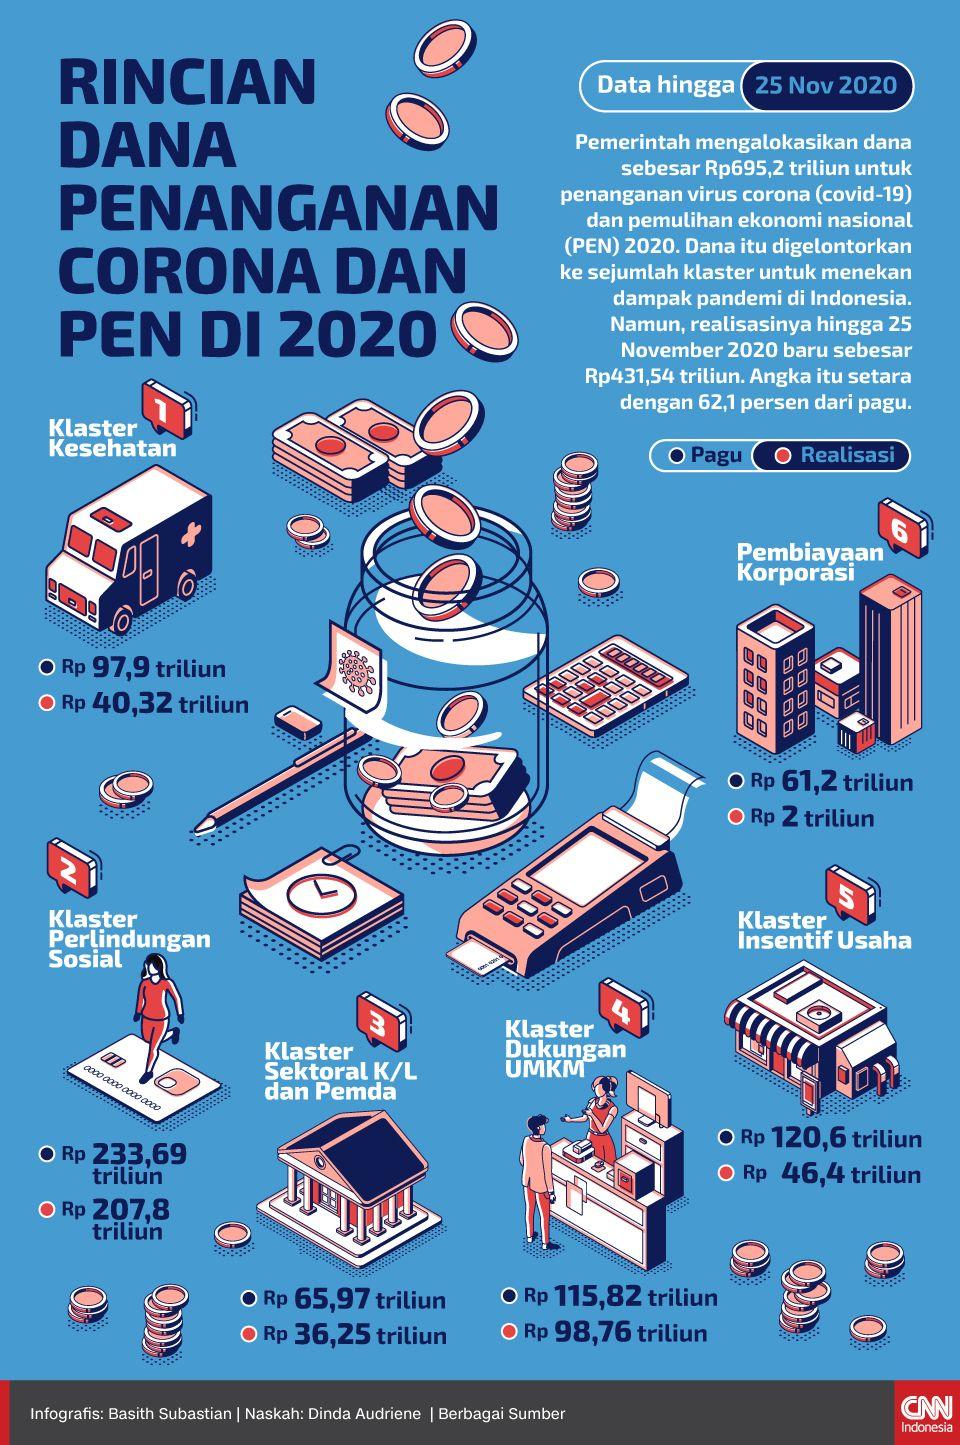 Infografis Rincian Dana Penanganan Corona dan PEN di 2020